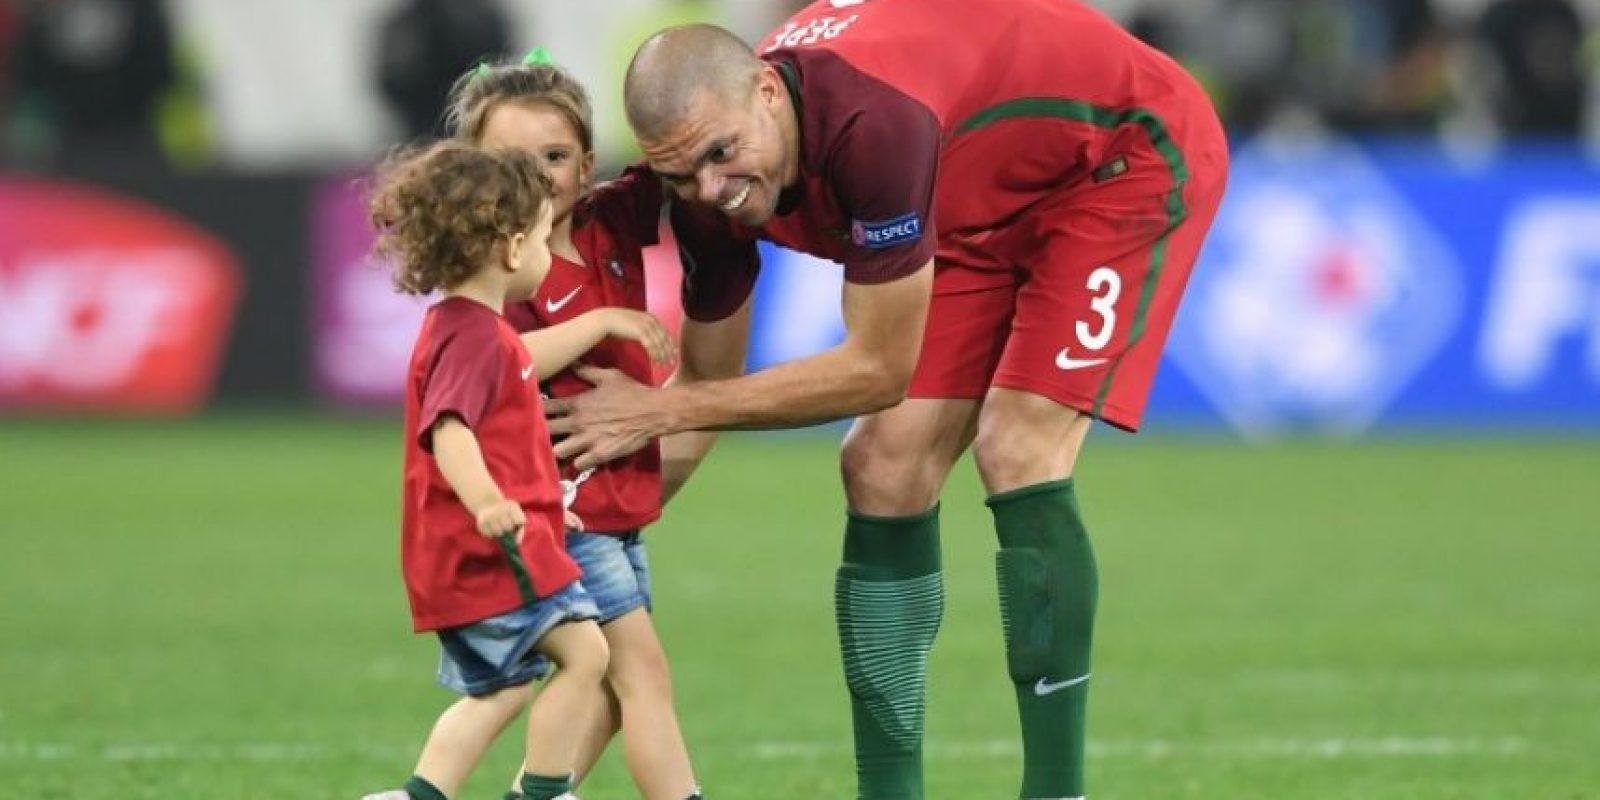 La UEFA lo considera invasión de campo y por eso no lo permitirá para los partidos Foto:DPA